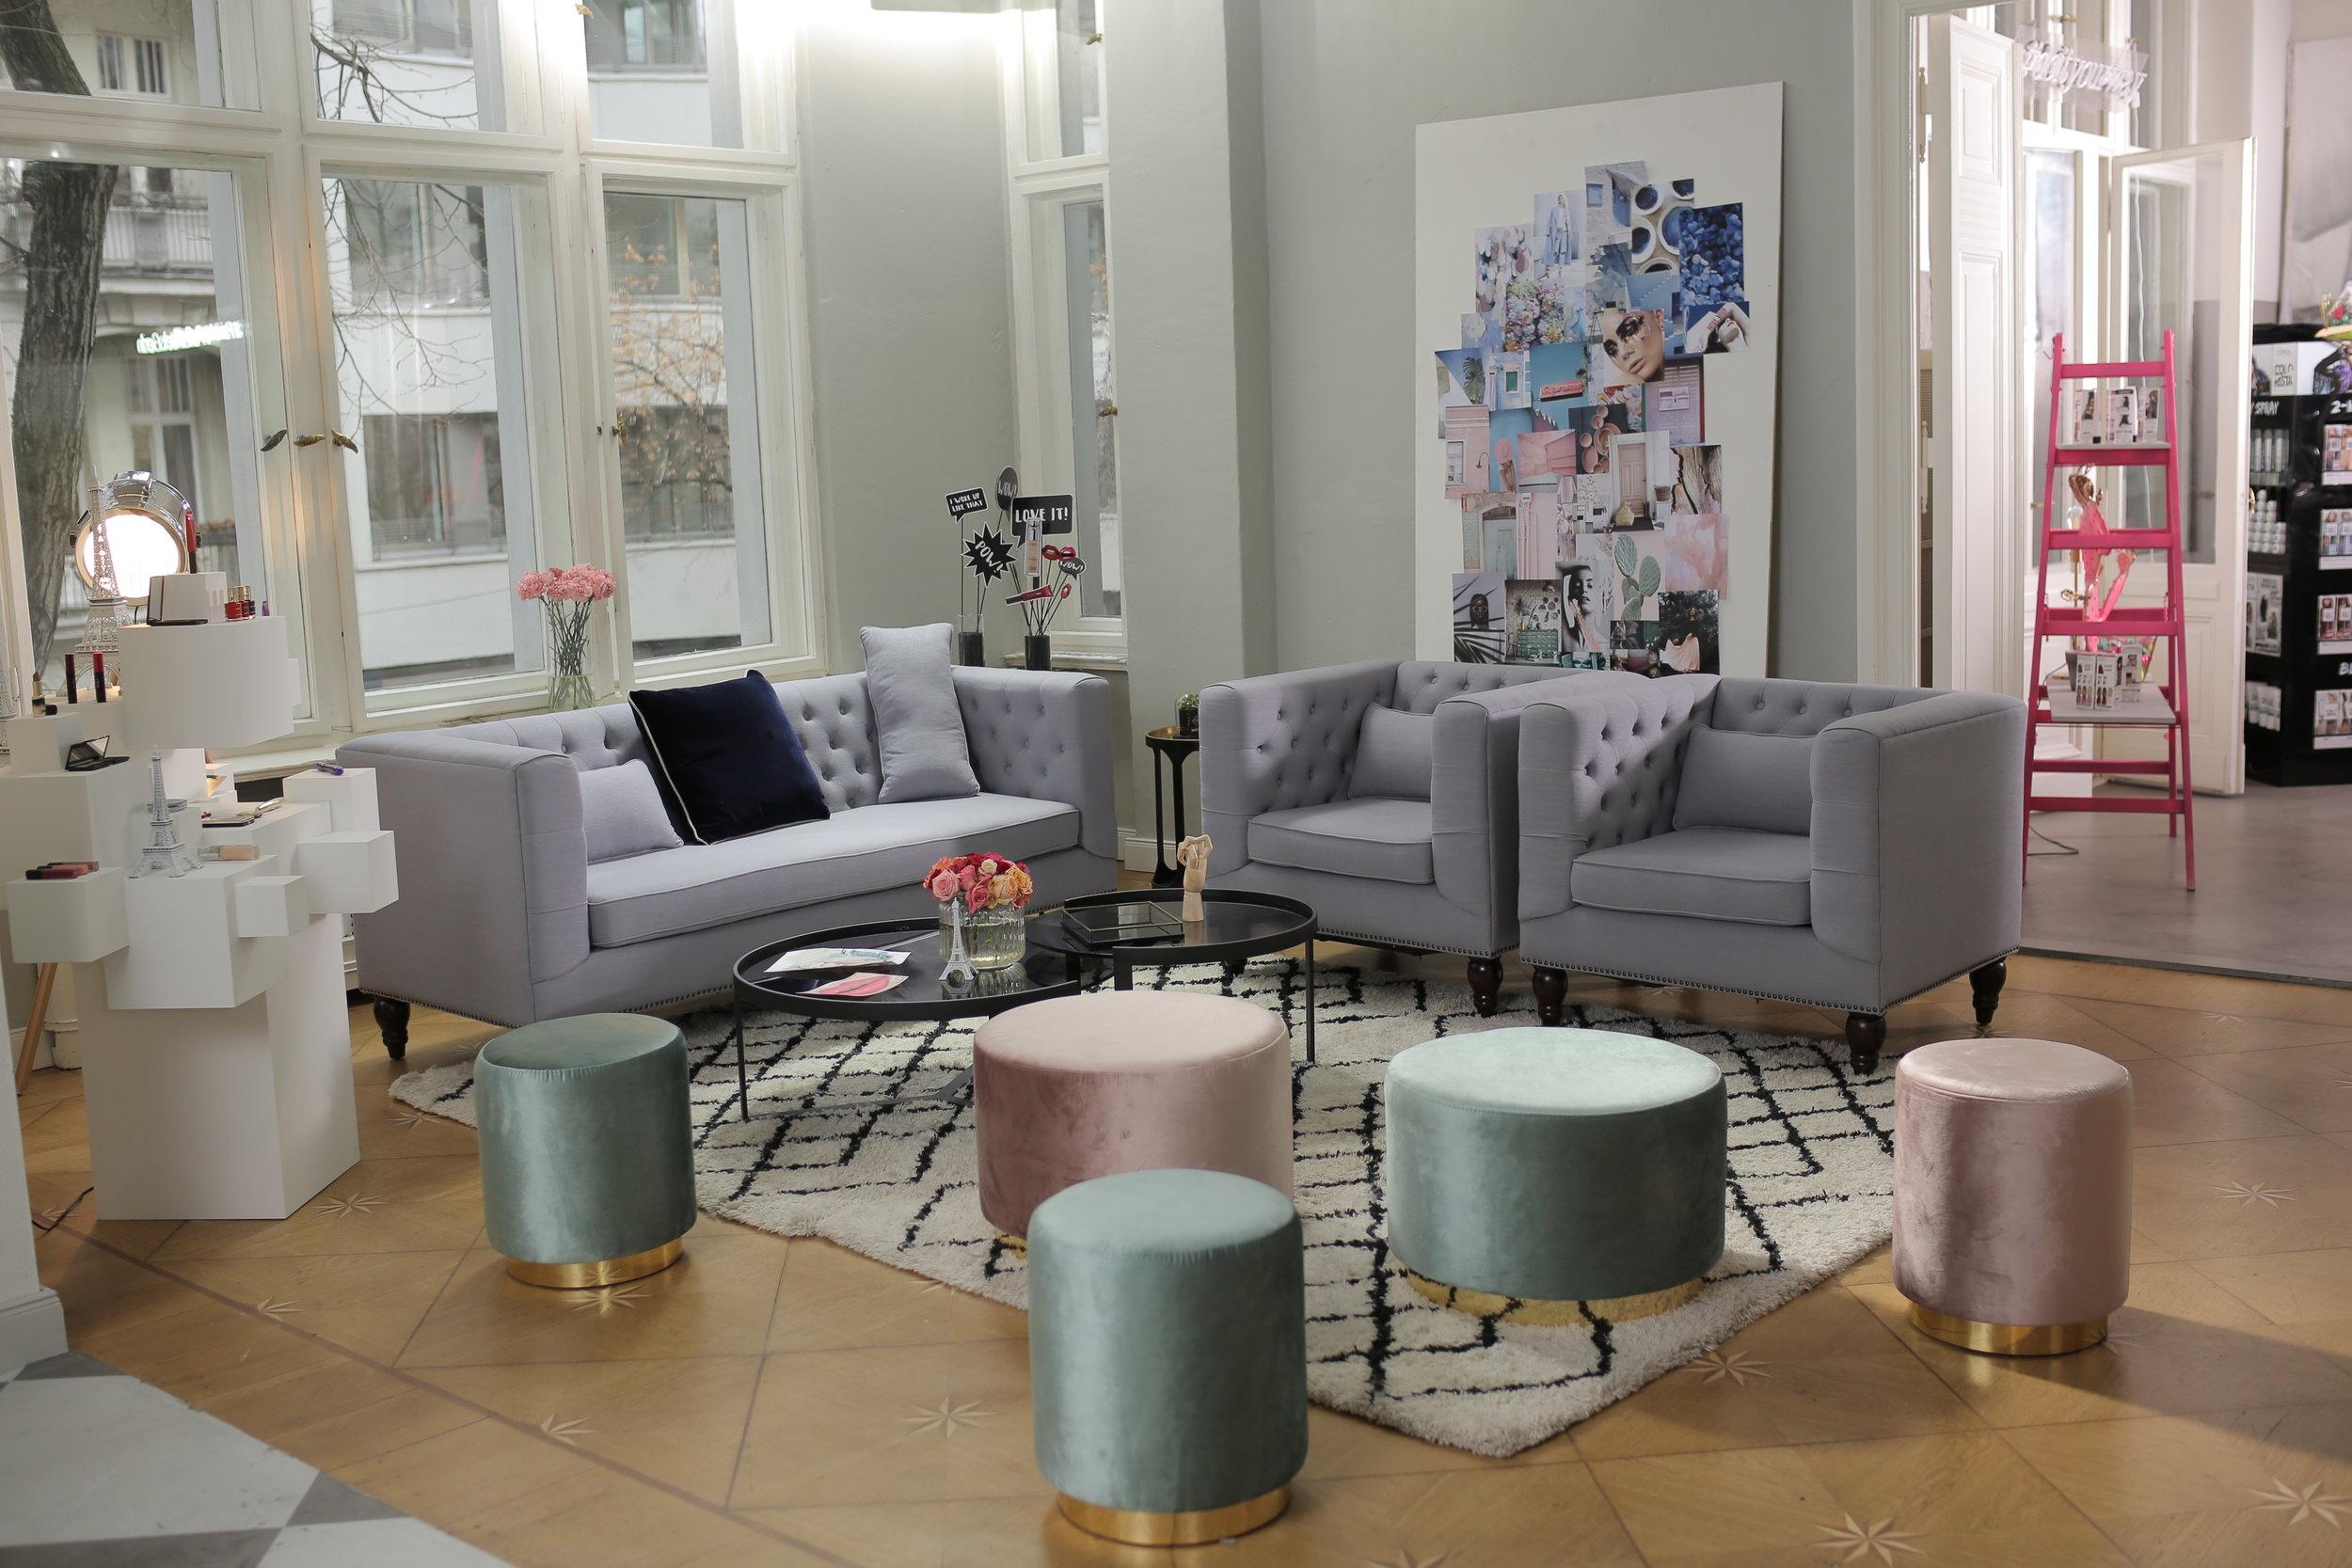 DAS ATELIERby l'oréal paris - Erfahre mehr über meine Leidenschaft für Interior Design und mein Konzept und die Einrichtung des L'Oréal Paris Atelier zur Berlinale 2017!LOS GEHT'S